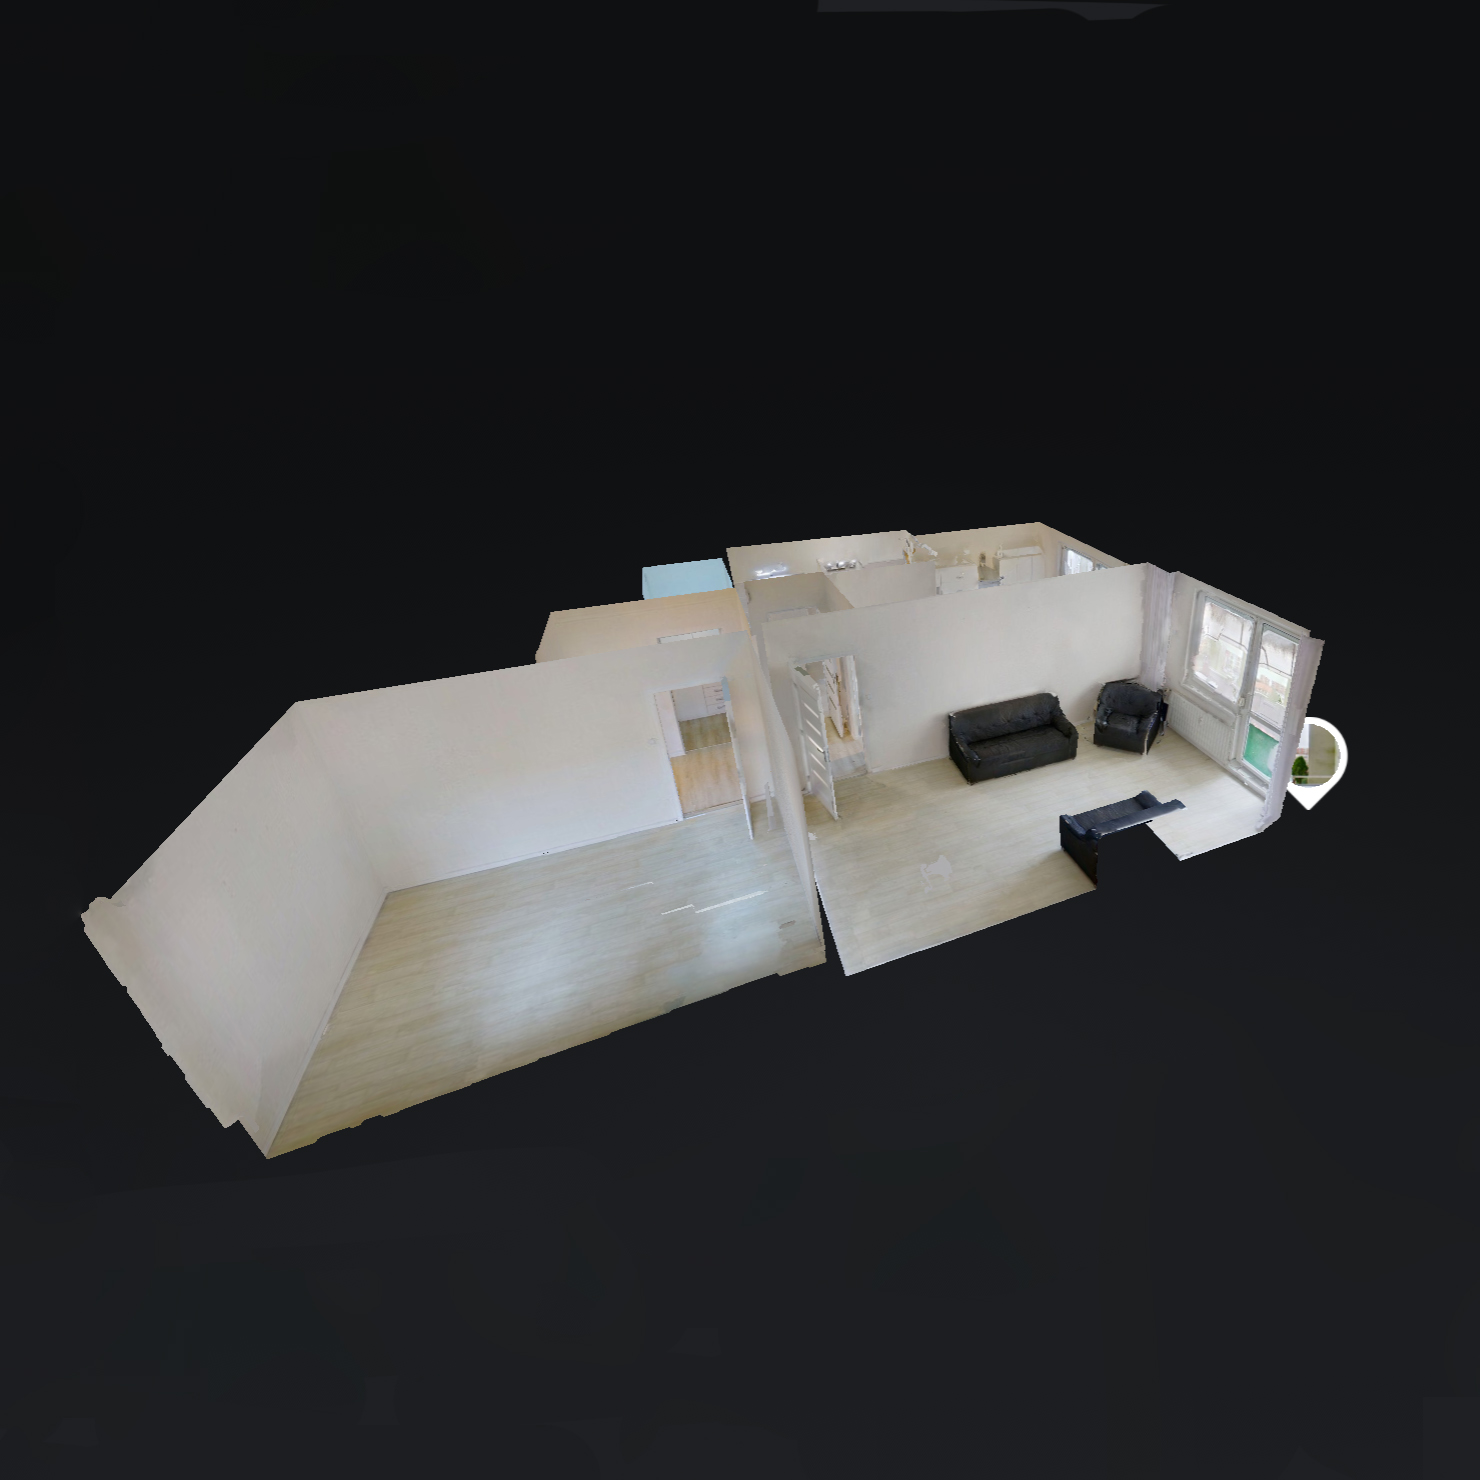 Virtuálna prehliadka matterport